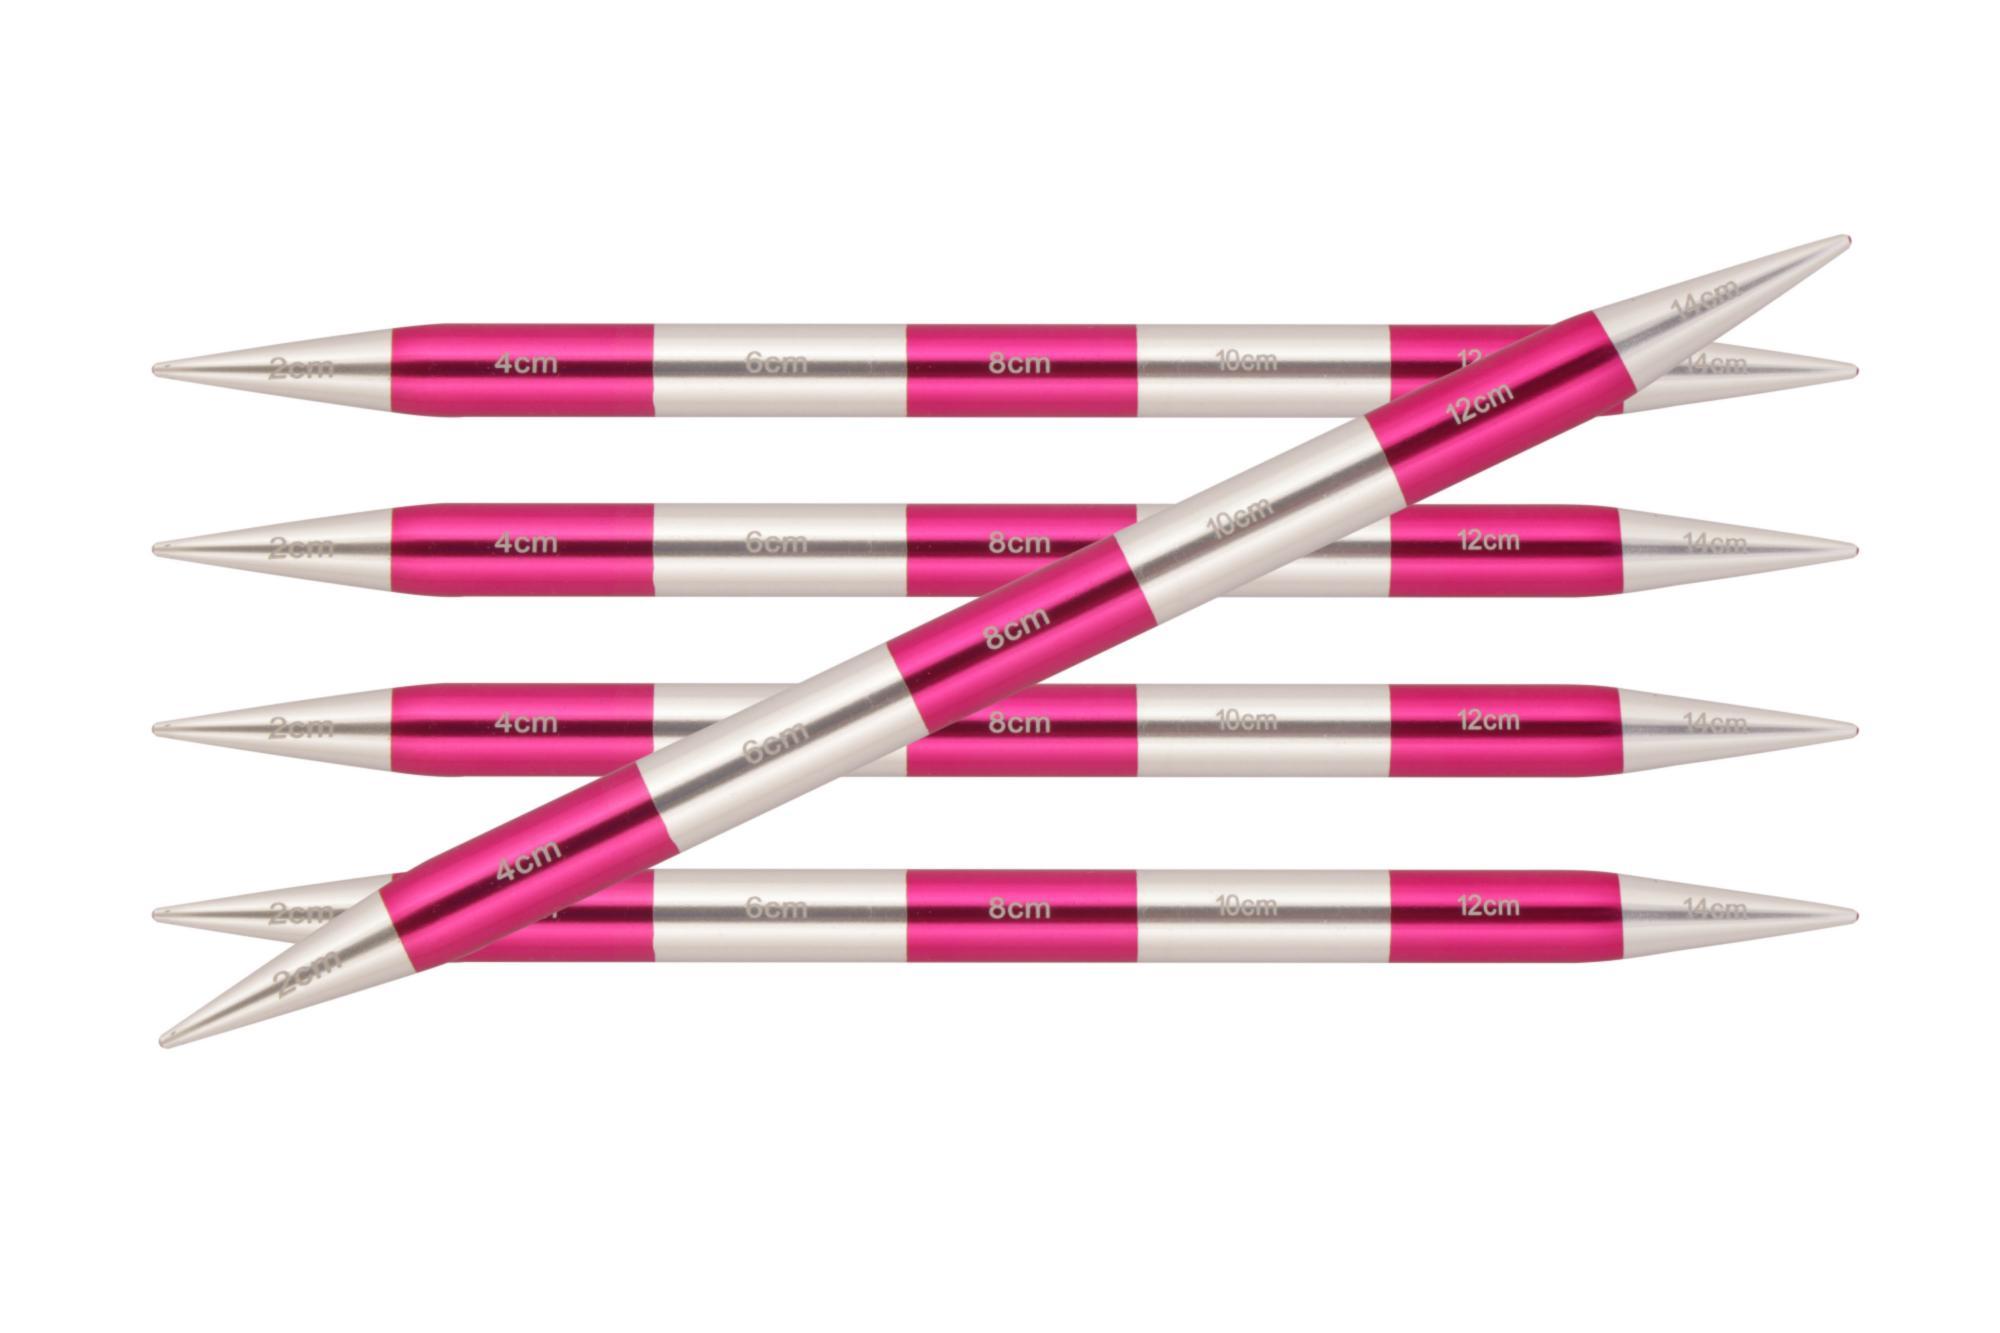 42015 Спицы носочные 7.00 мм - 14 см Smartstix KnitPro